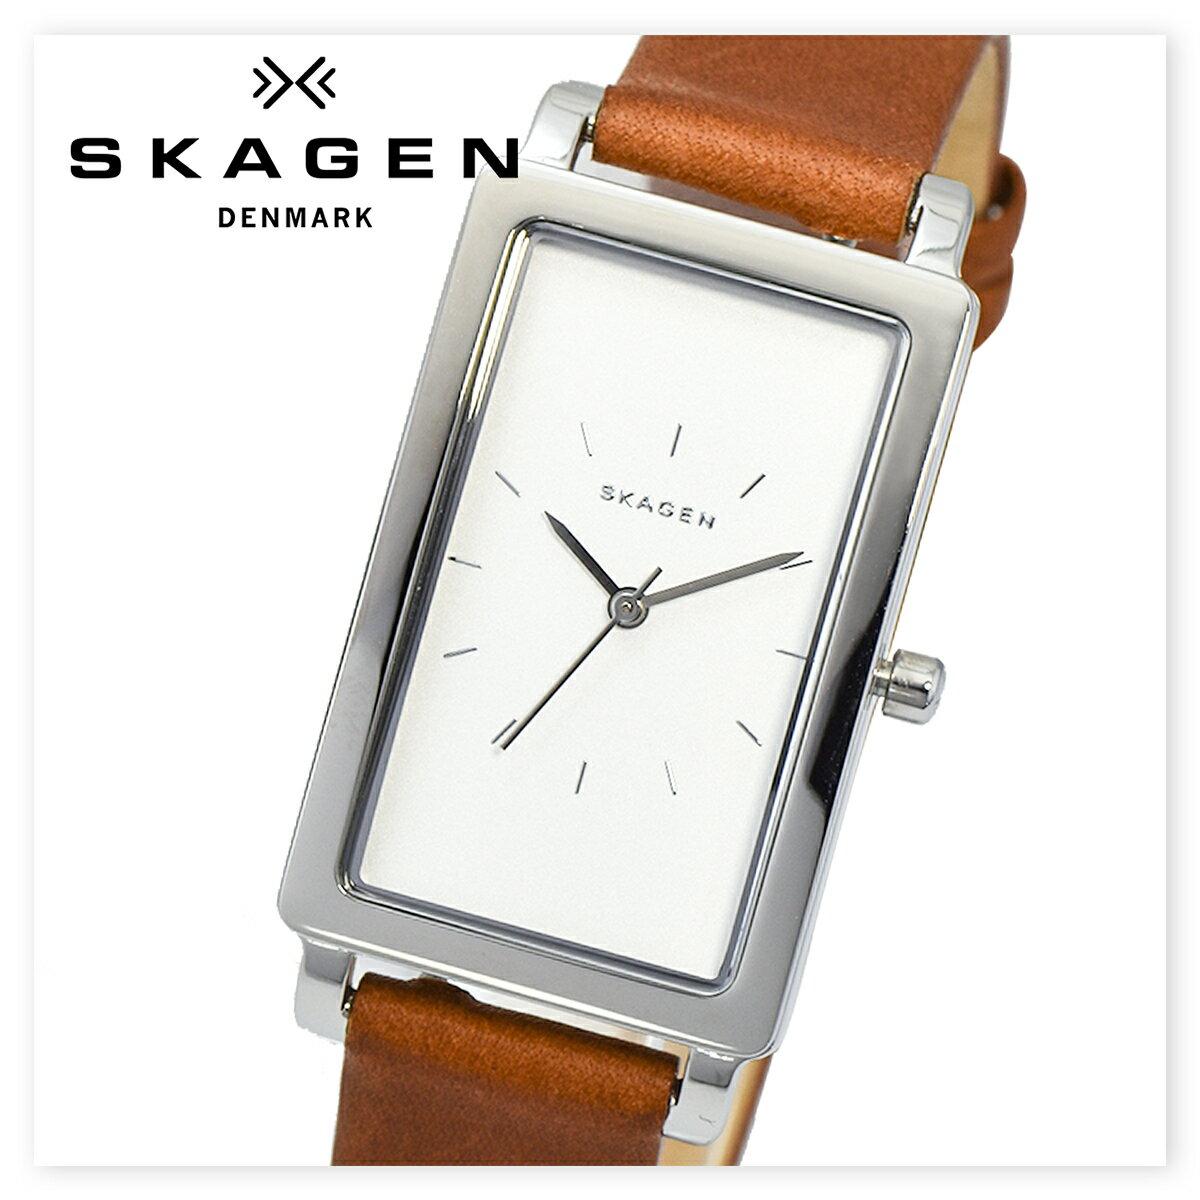 SKAGEN スカーゲン SKW2464 時計 腕時計 メンズ レディース ユニセックス 北欧 スリム プレゼント ギフト [海外正規商品][送料無料][あす楽]